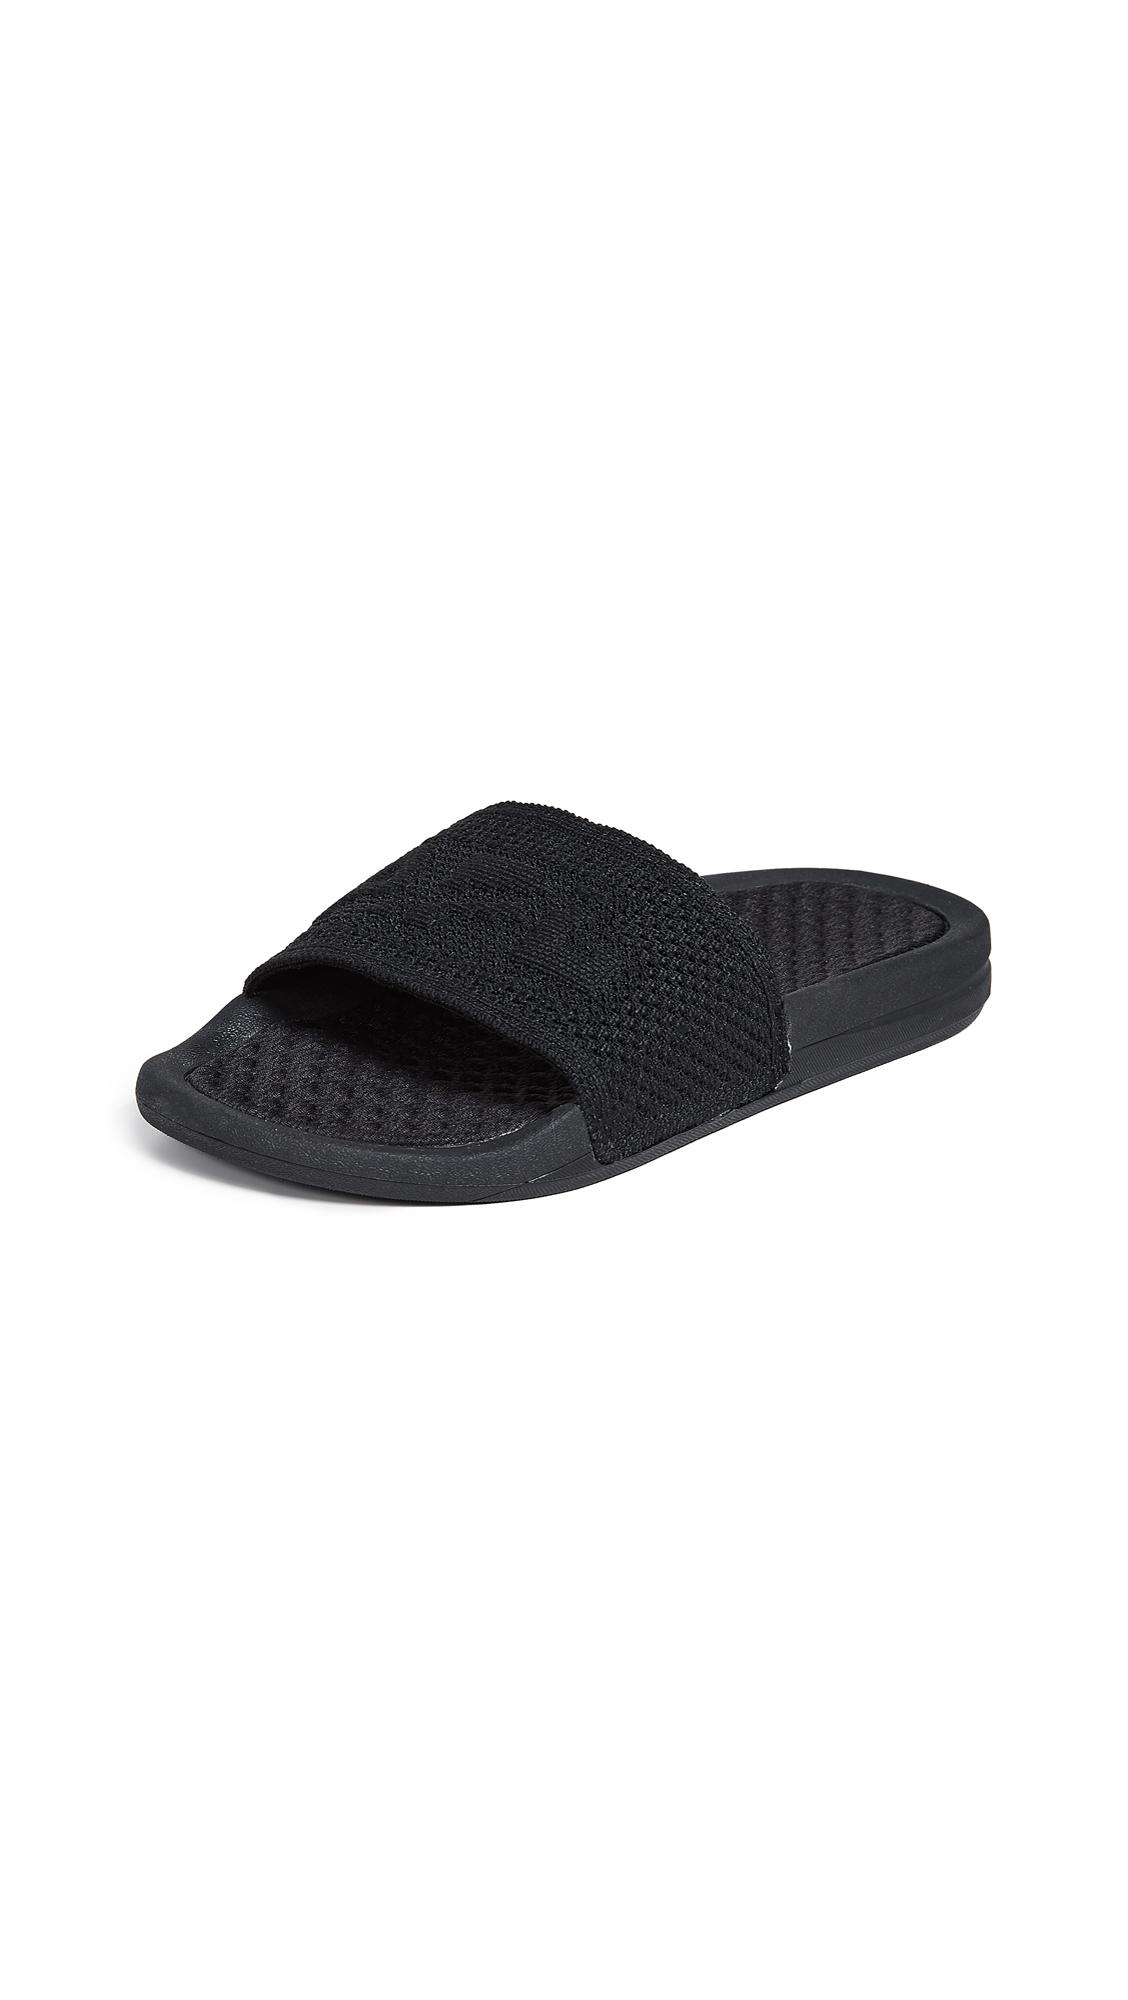 APL: Athletic Propulsion Labs Big Logo TechLoom Slide Sandals - Black